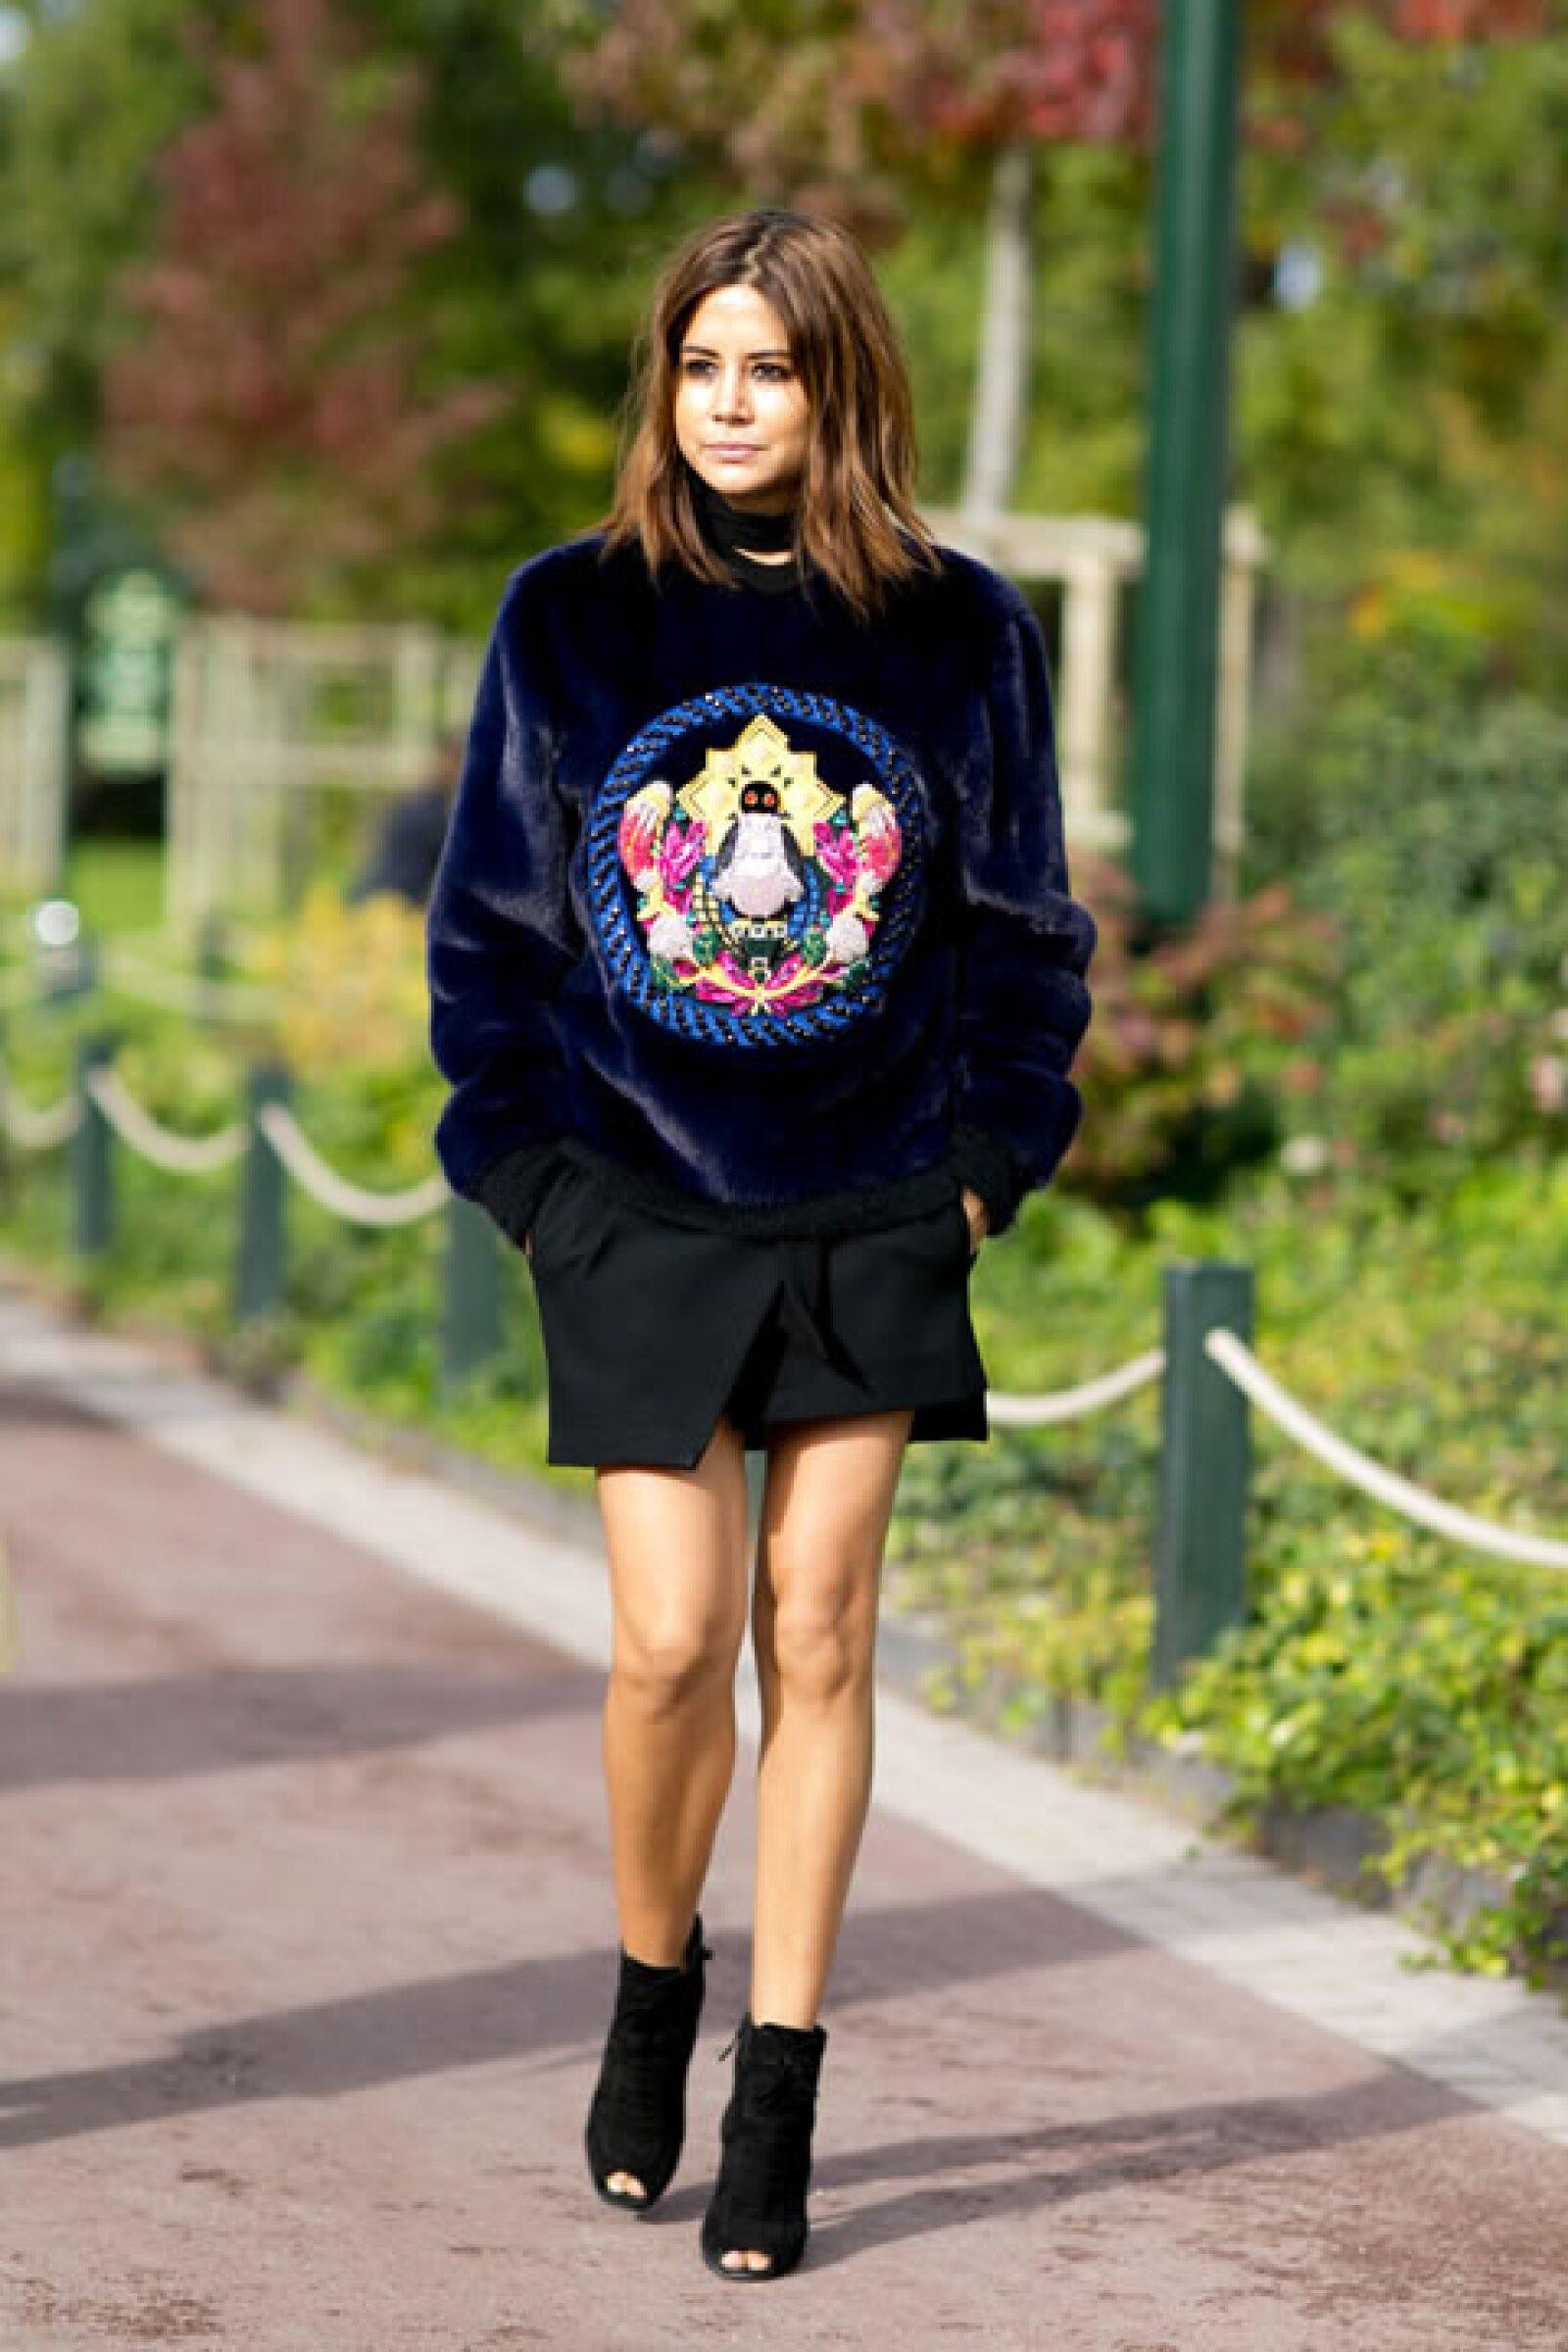 Oversized sweatshirts y mini faldas. ¿Existirá un mejor complemento?